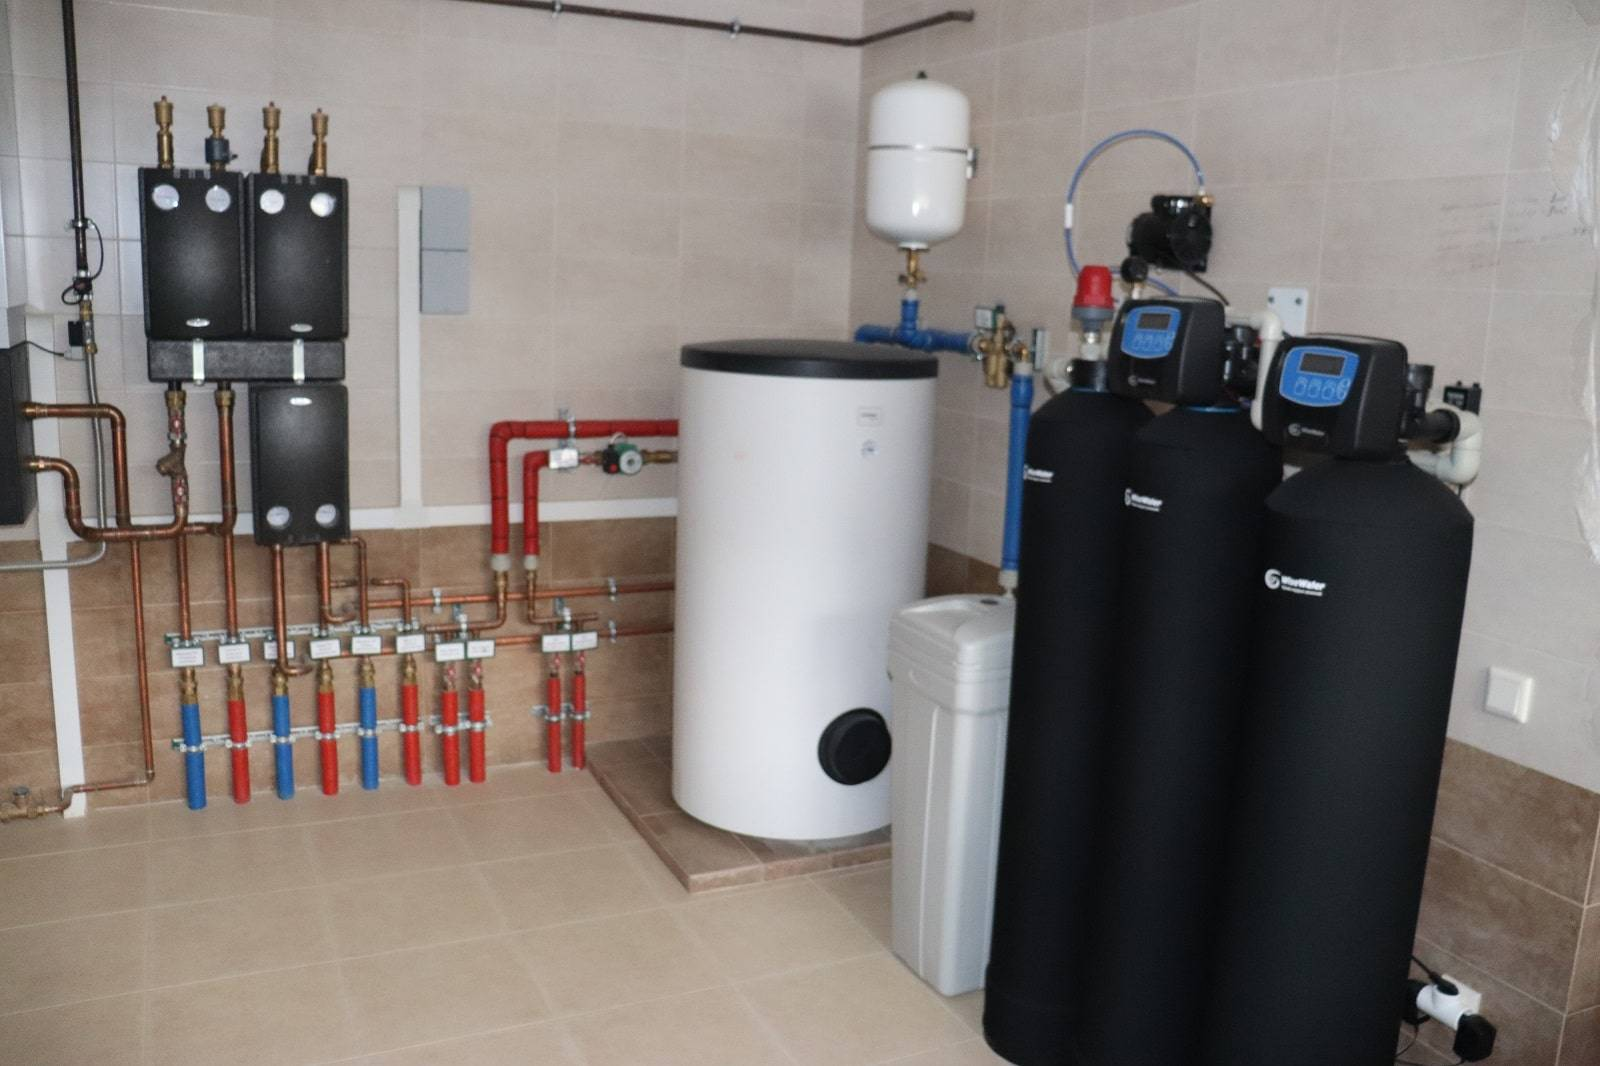 Отопление без газа и дров: как отопить загородный дом без газа, экономичная альтернатива обогрева, чем отопить дом если нет газа, фото и видео примеры